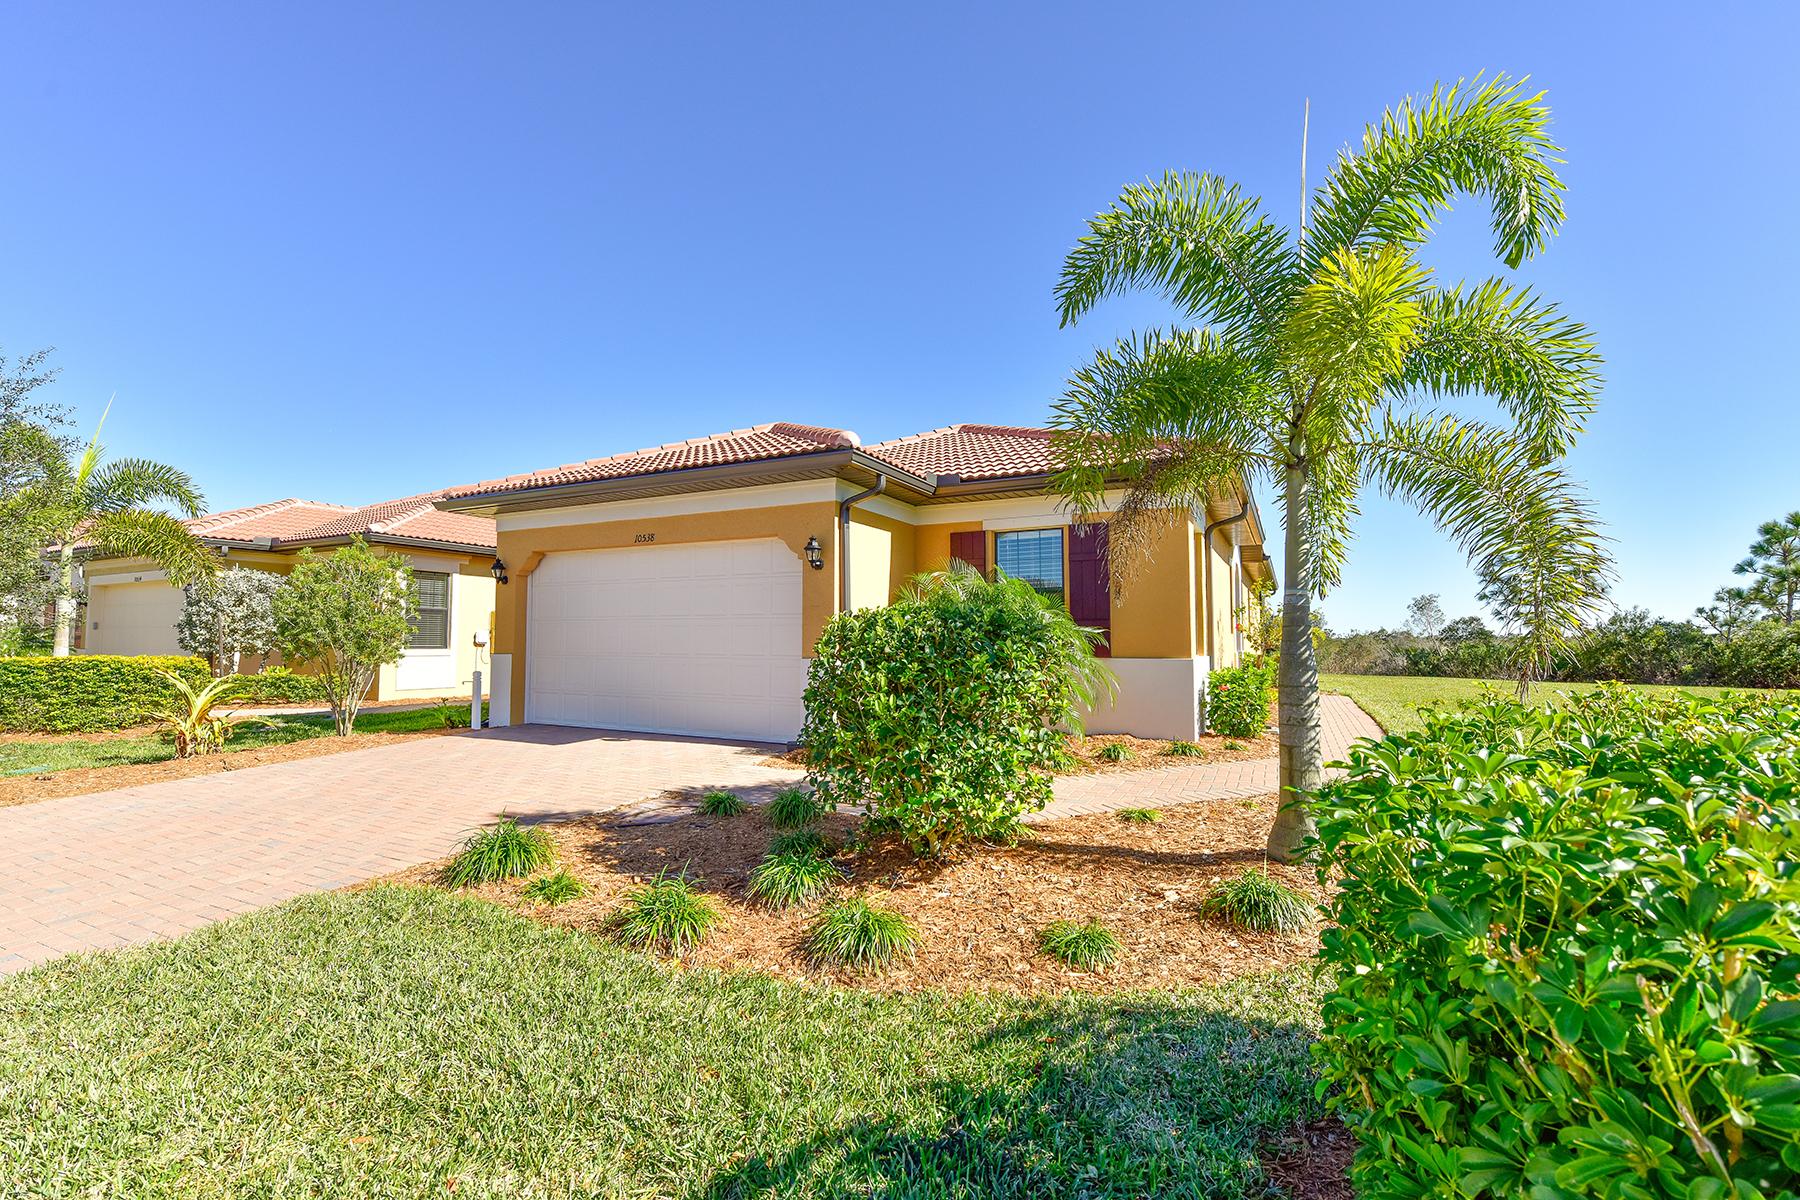 独户住宅 为 销售 在 SARASOTA NATIONAL 10538 Crooked Creek Dr 威尼斯, 佛罗里达州, 34293 美国